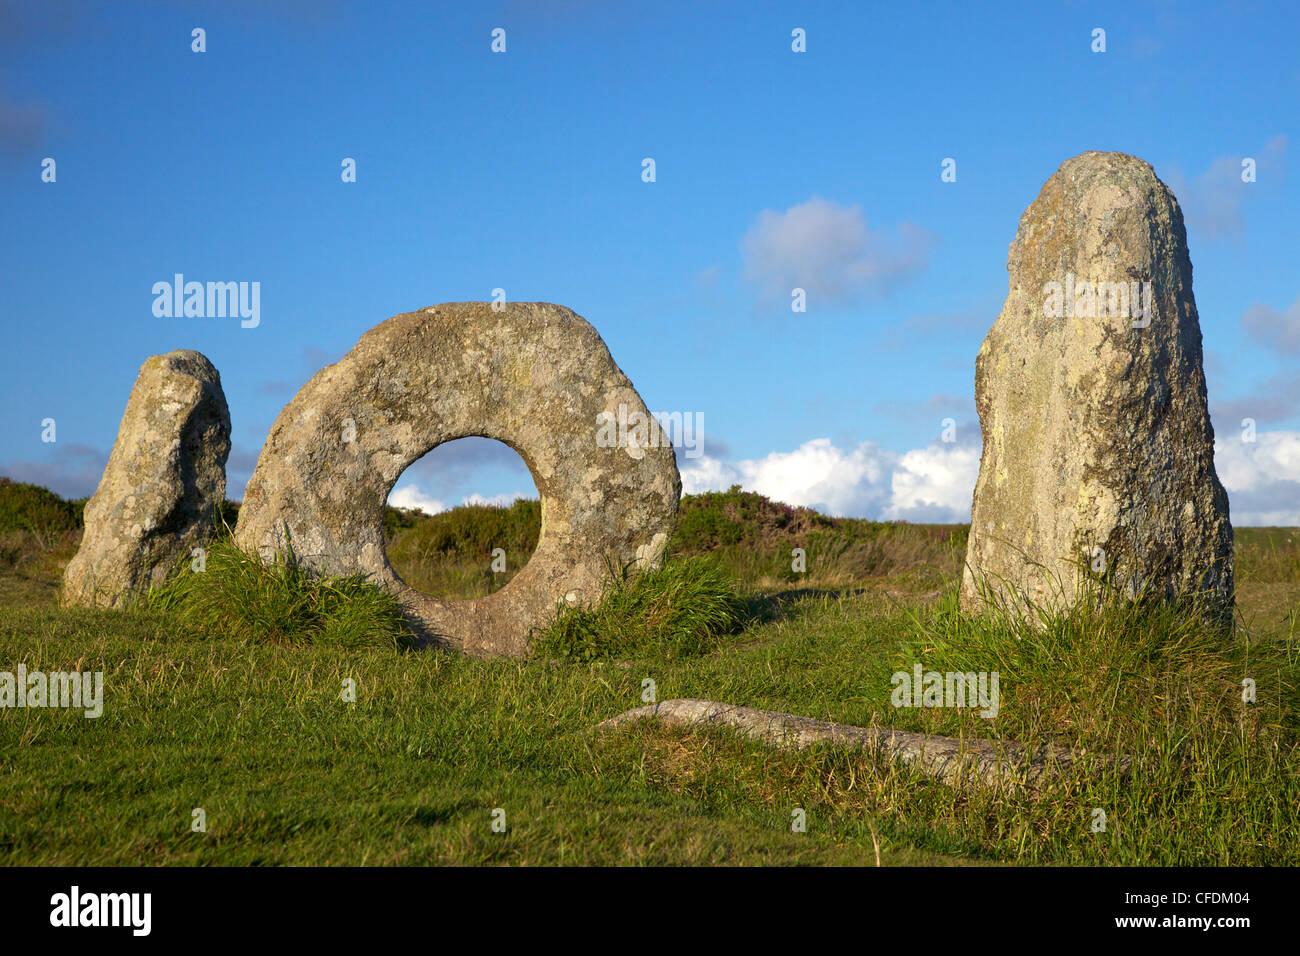 Männer-an-Tol, in der Nähe von Madron, Lands End Halbinsel, Cornwall, England, Vereinigtes Königreich, Stockbild